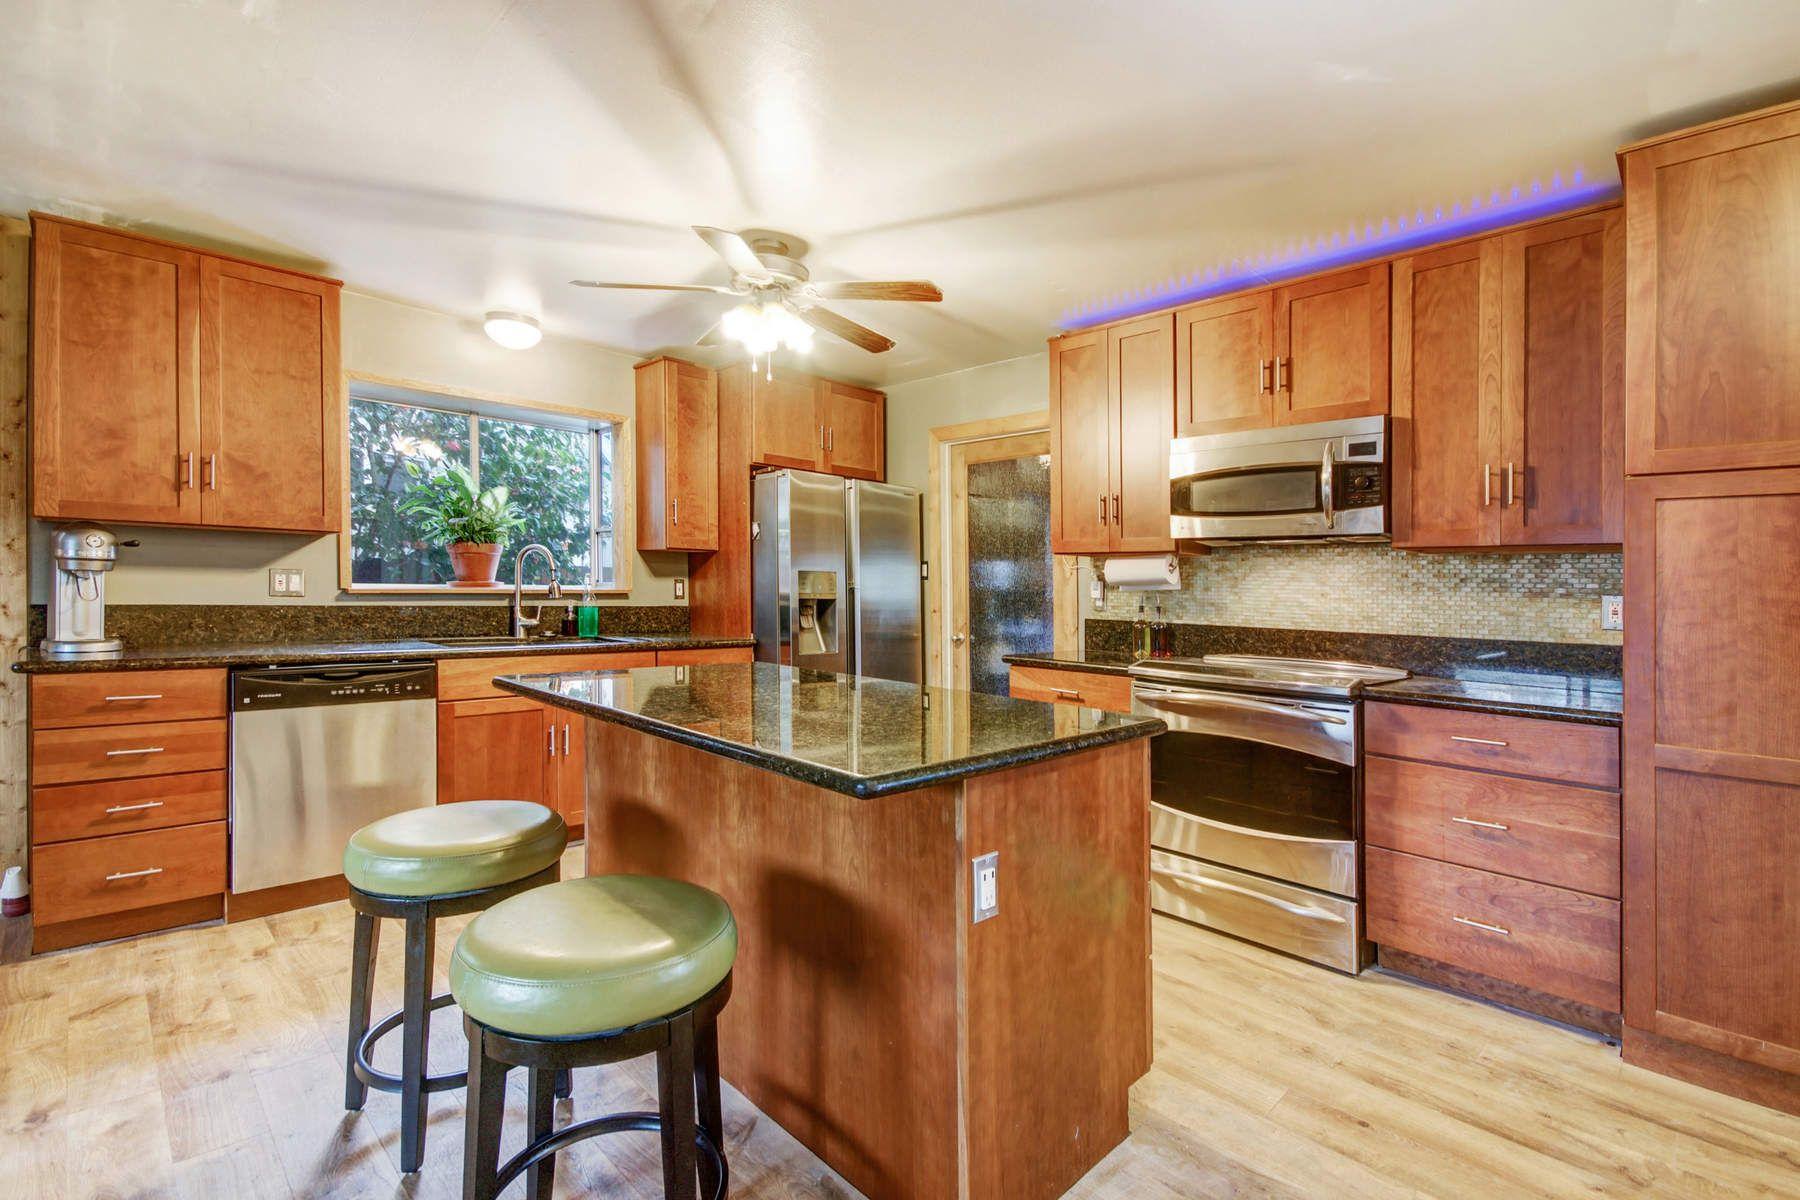 一戸建て のために 売買 アット 121 Fernwood Court, Santa Rosa 121 Fernwood Ct, Santa Rosa, カリフォルニア, 95401 アメリカ合衆国